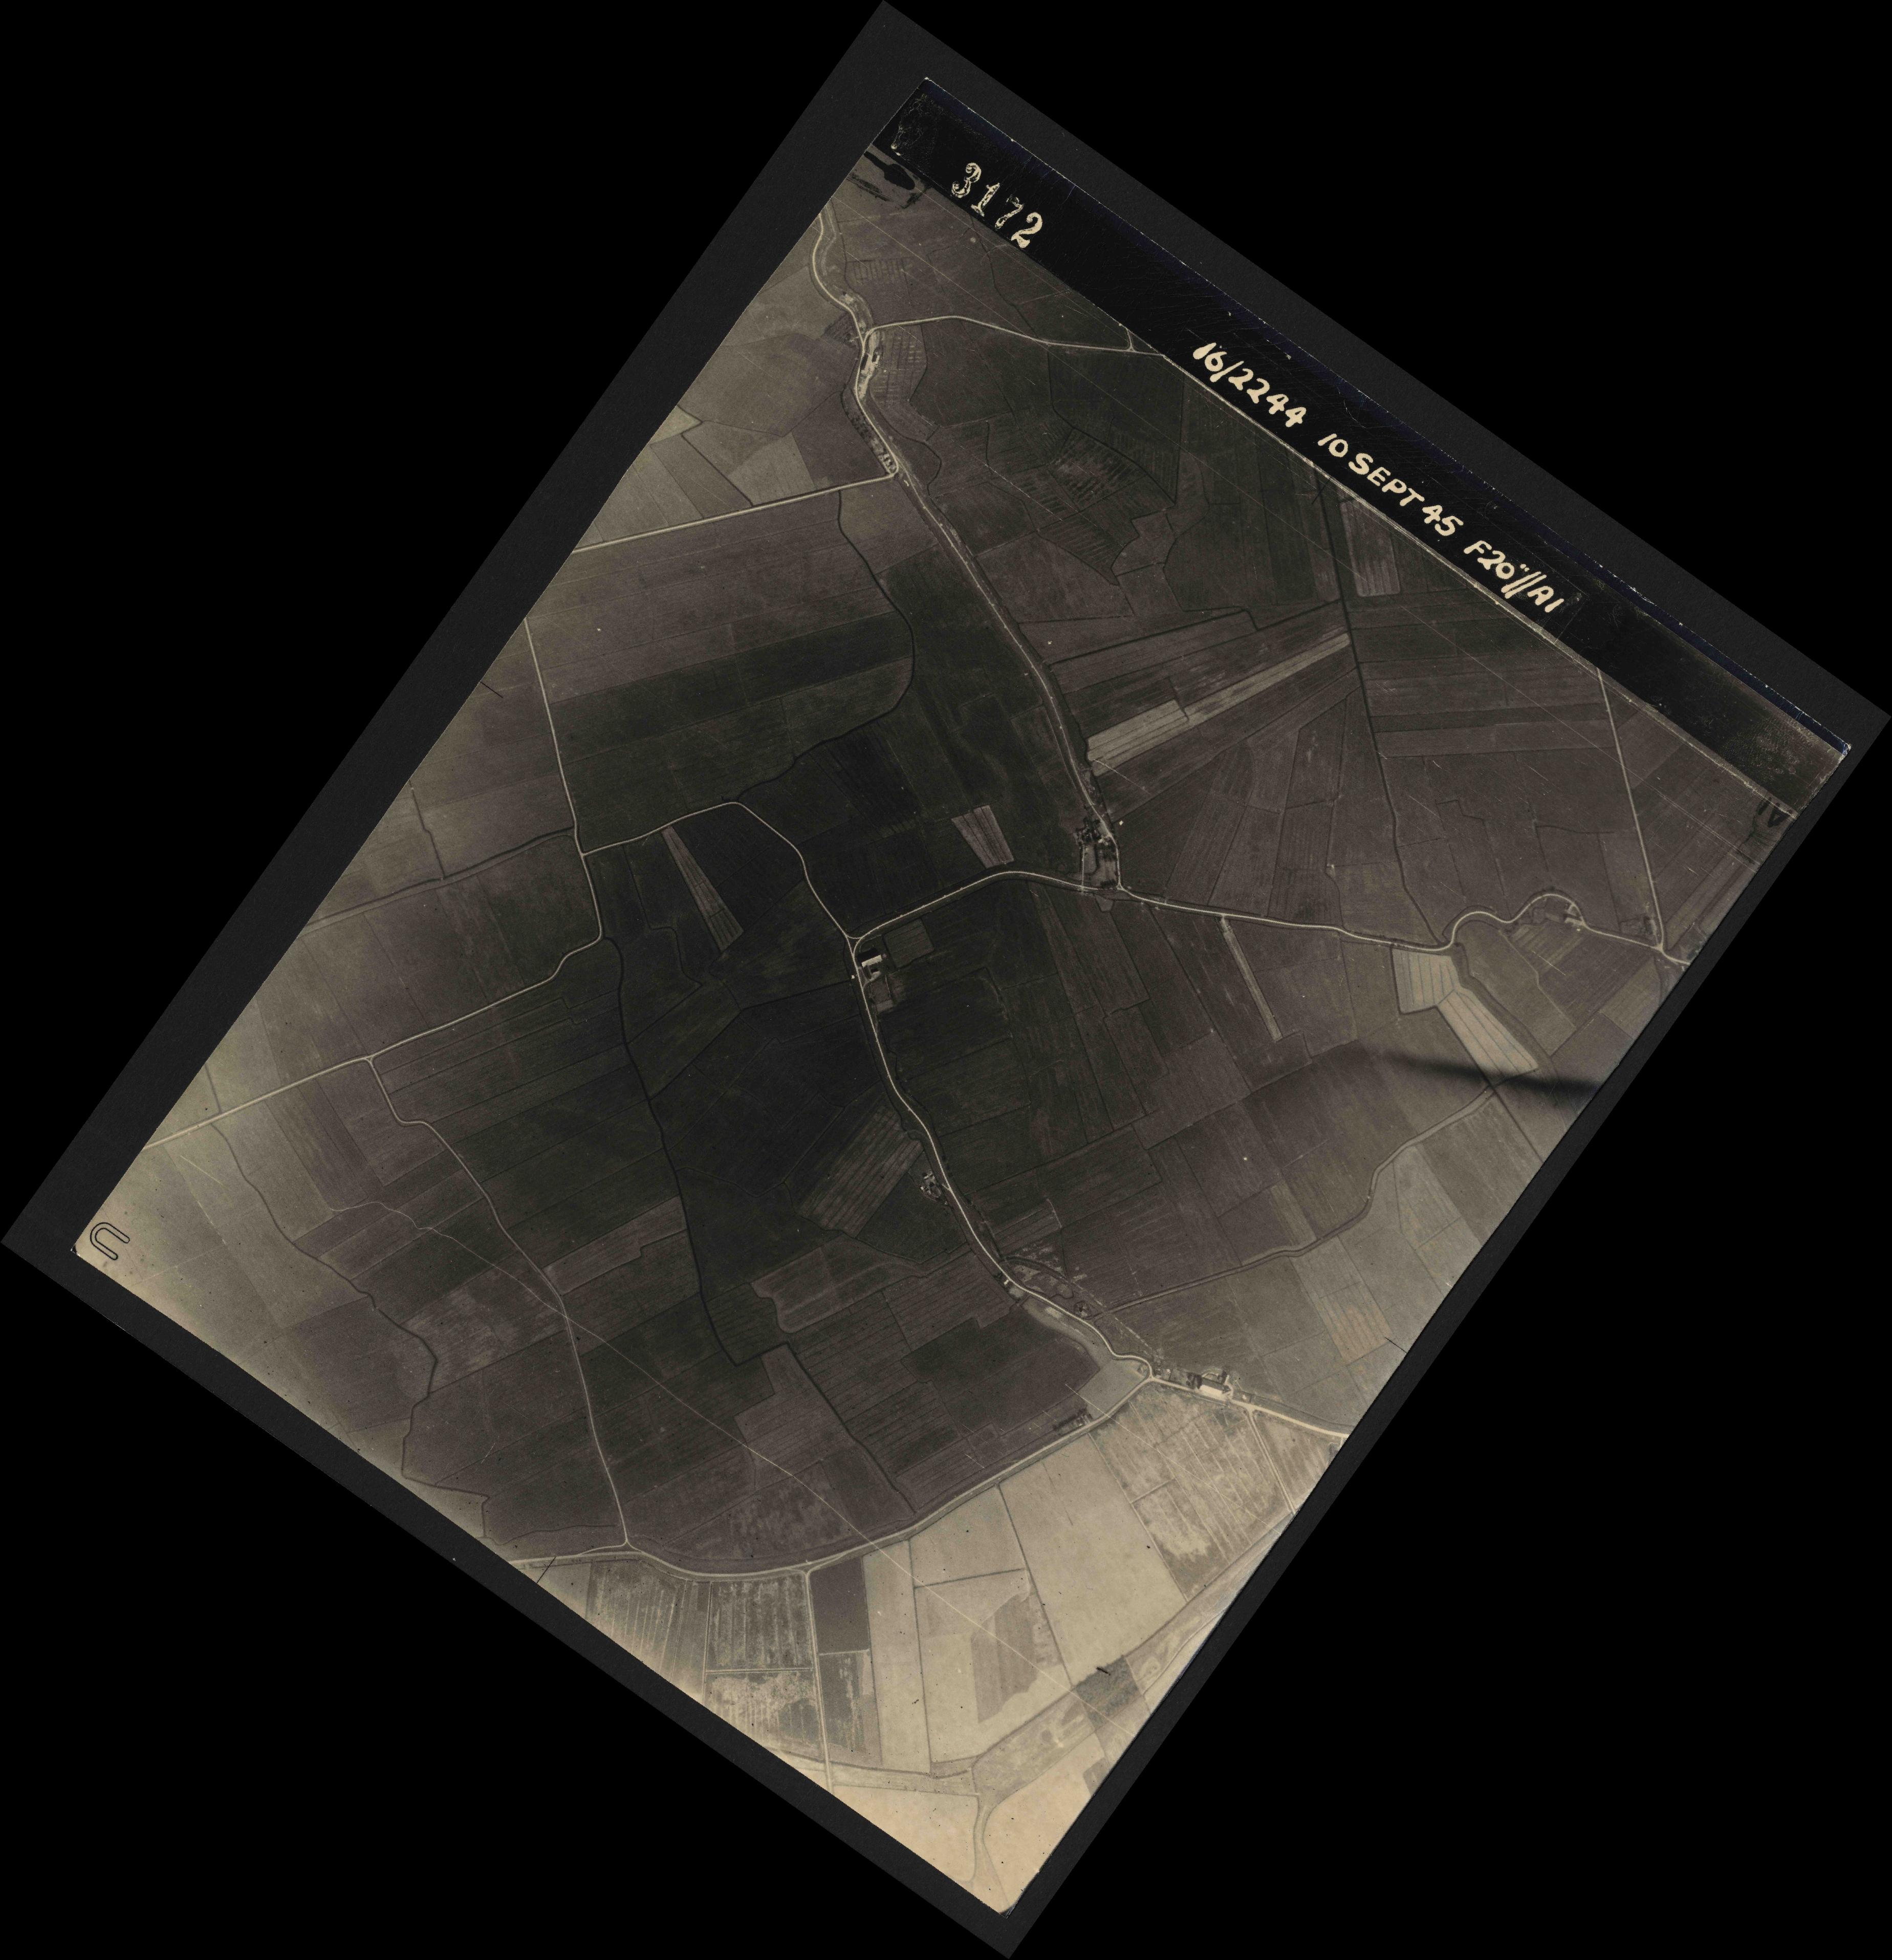 Collection RAF aerial photos 1940-1945 - flight 035, run 11, photo 3172